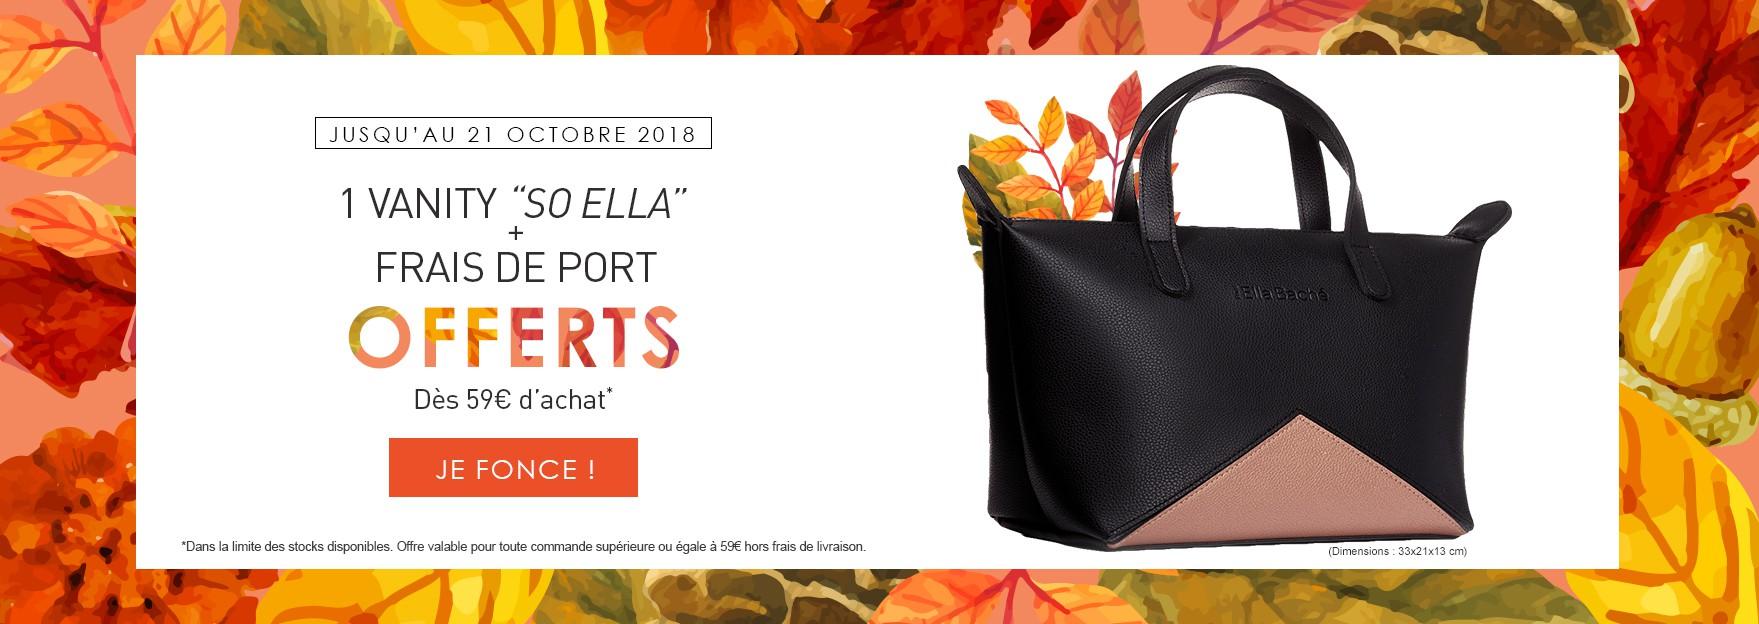 """Un Vanity """"So Ella"""" offert + livraison gratuite dès 59€ d'achat"""